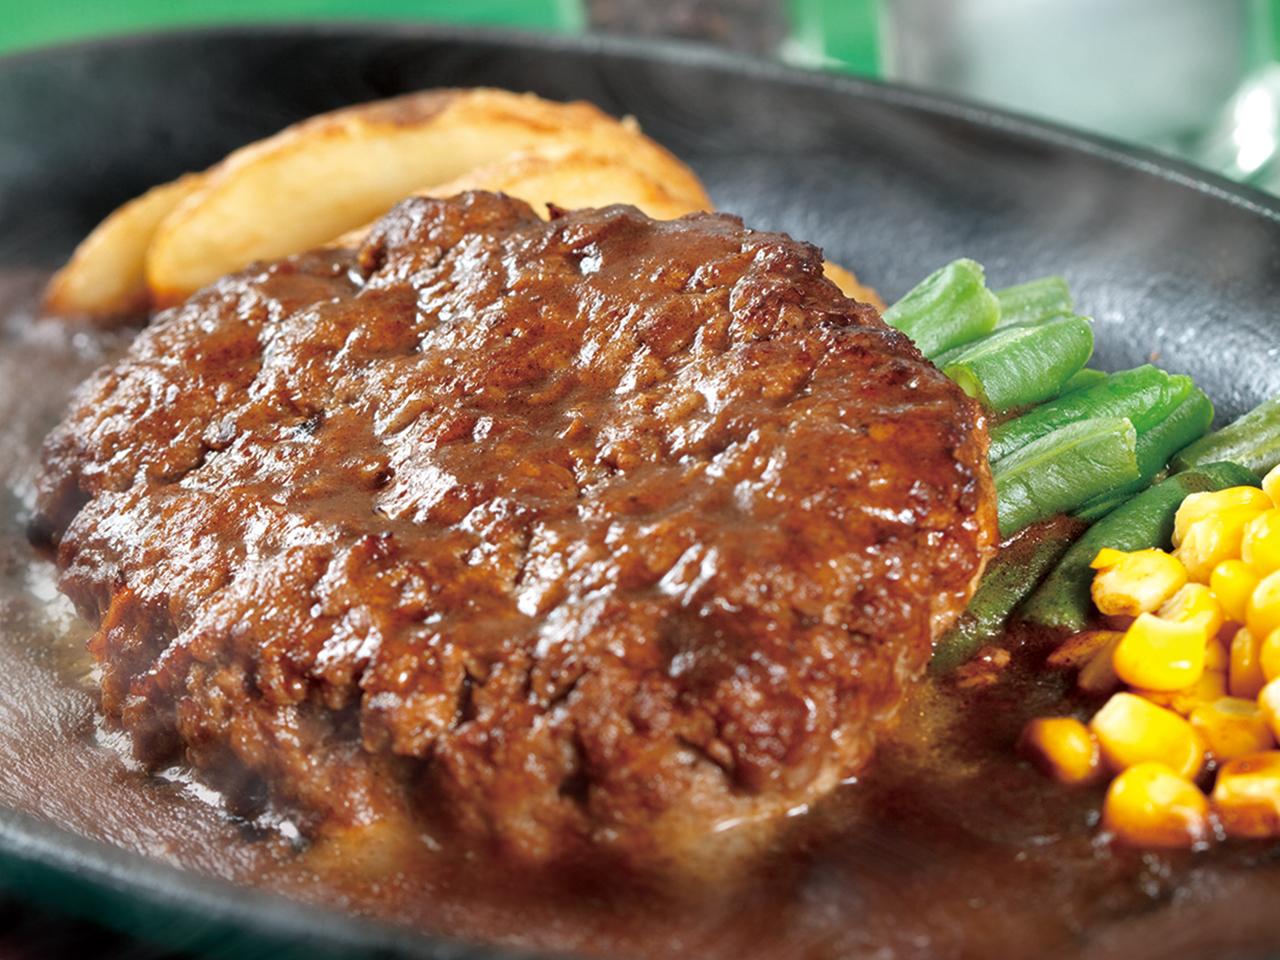 思いっきり肉料理を満喫!肉肉カーニバル!!